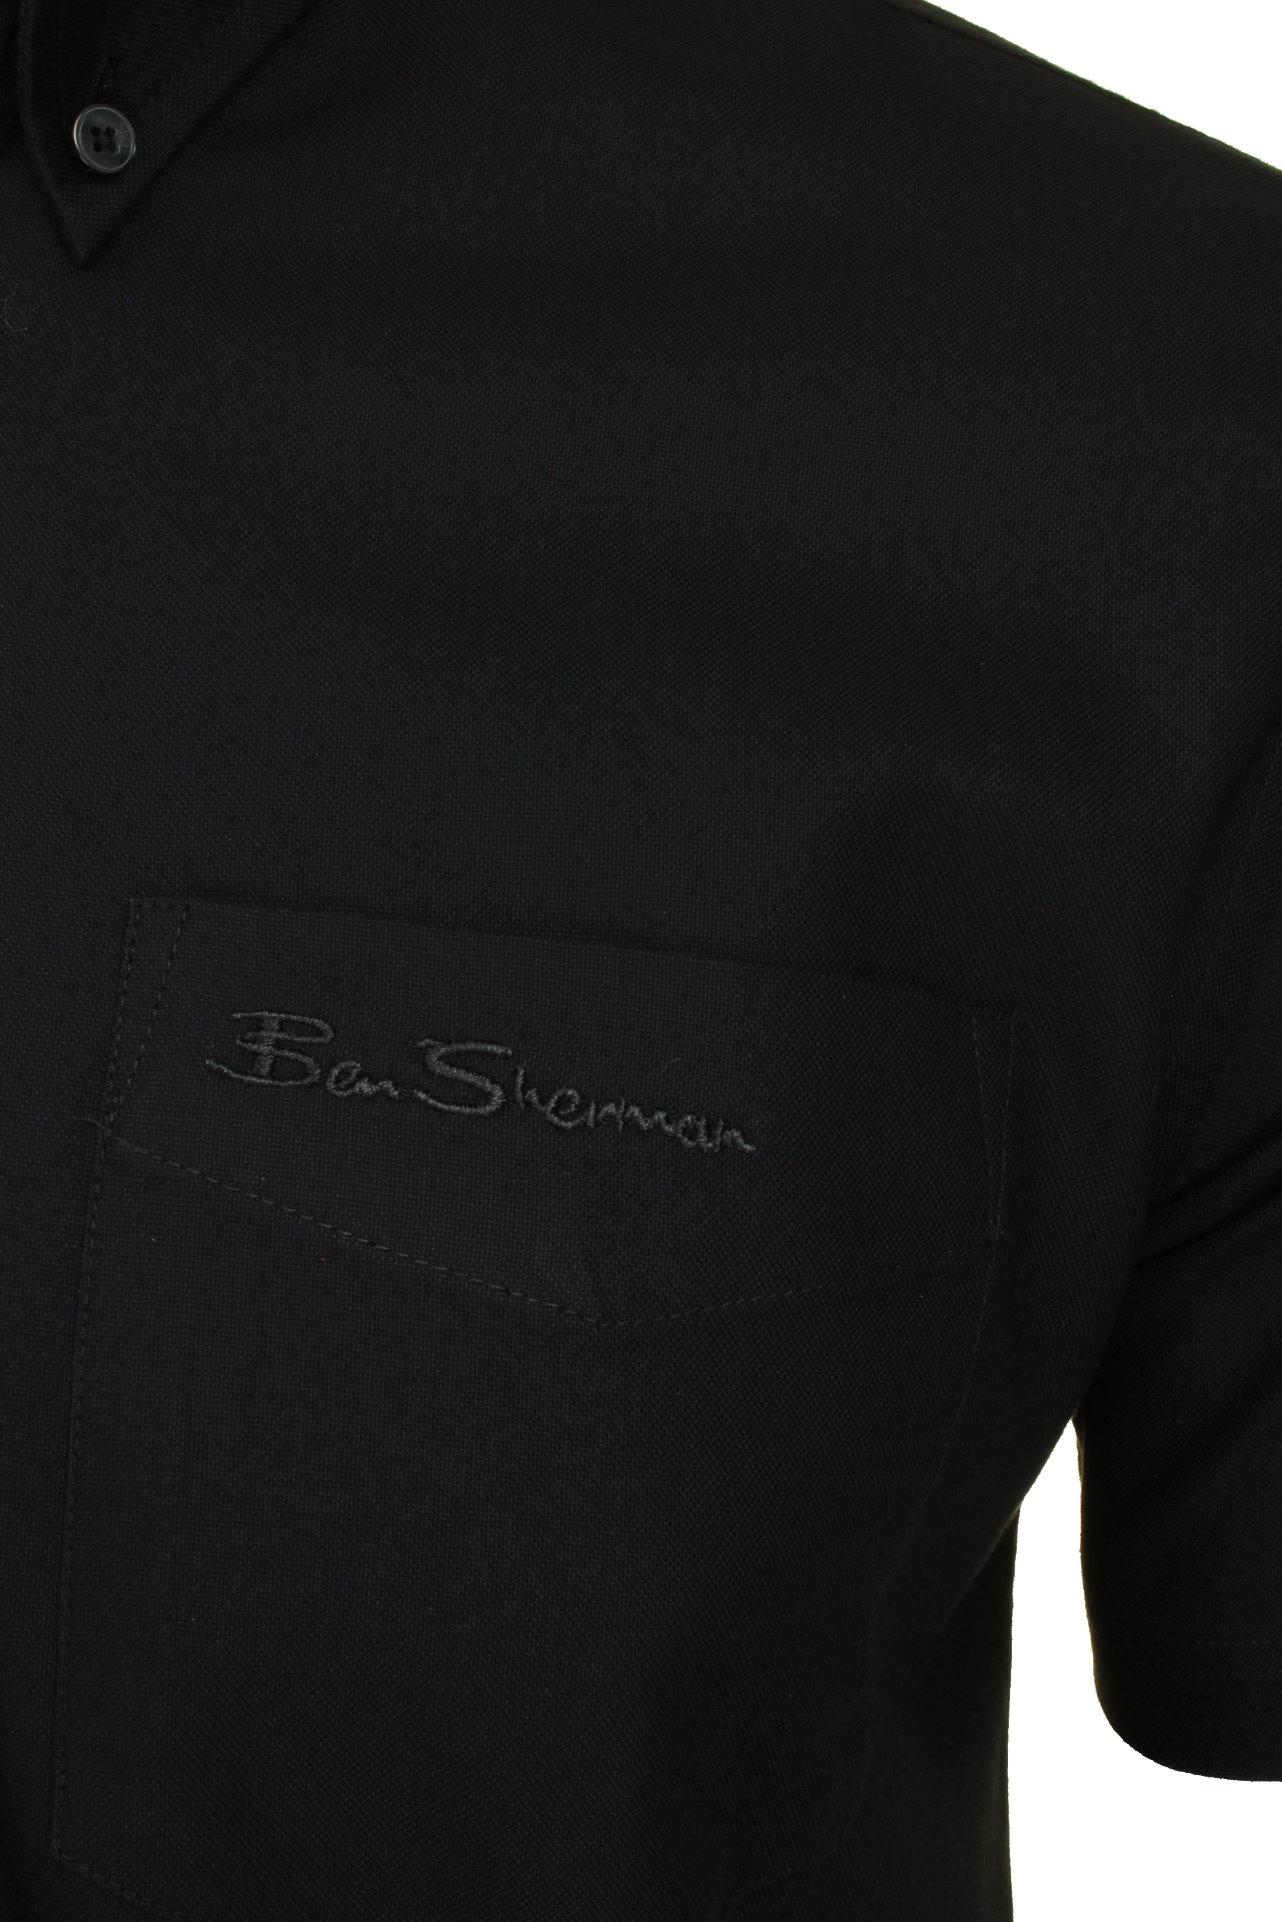 Ben-Sherman-Da-Uomo-Camicia-Oxford-Manica-Corta miniatura 7